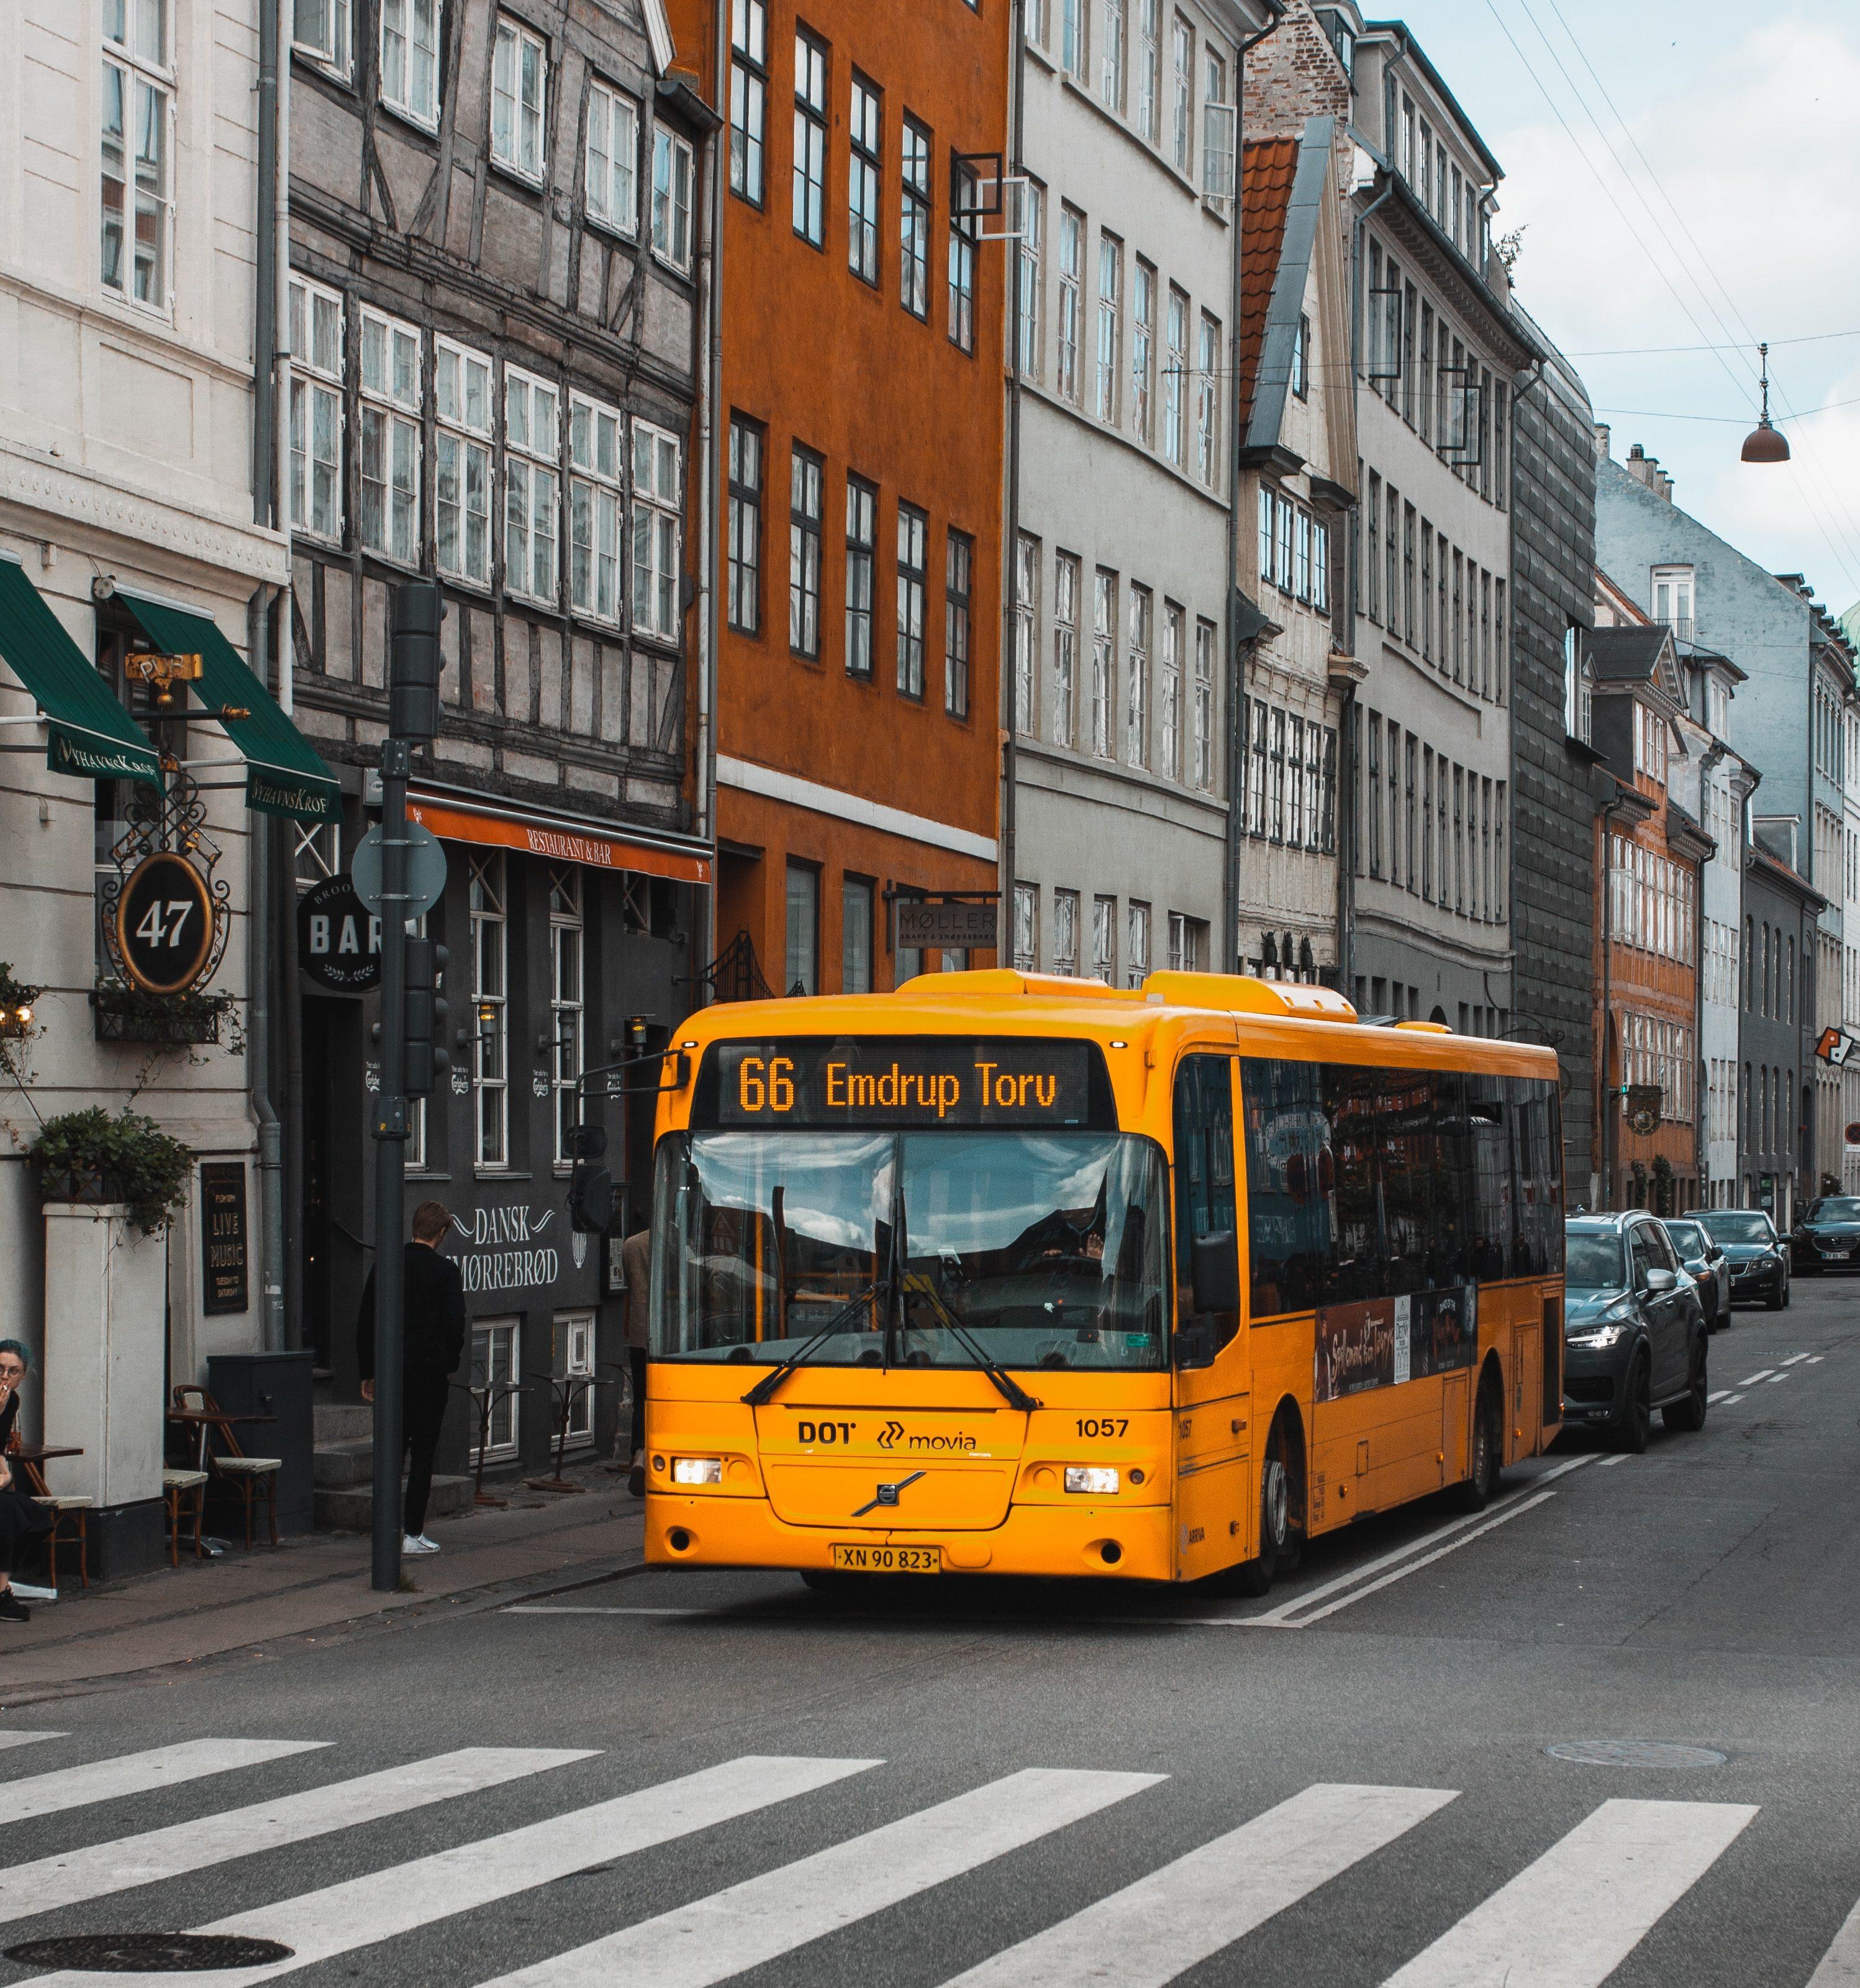 Selvkørende bus, bus, gul bus, københavn buslinje (Foto: Unsplash)